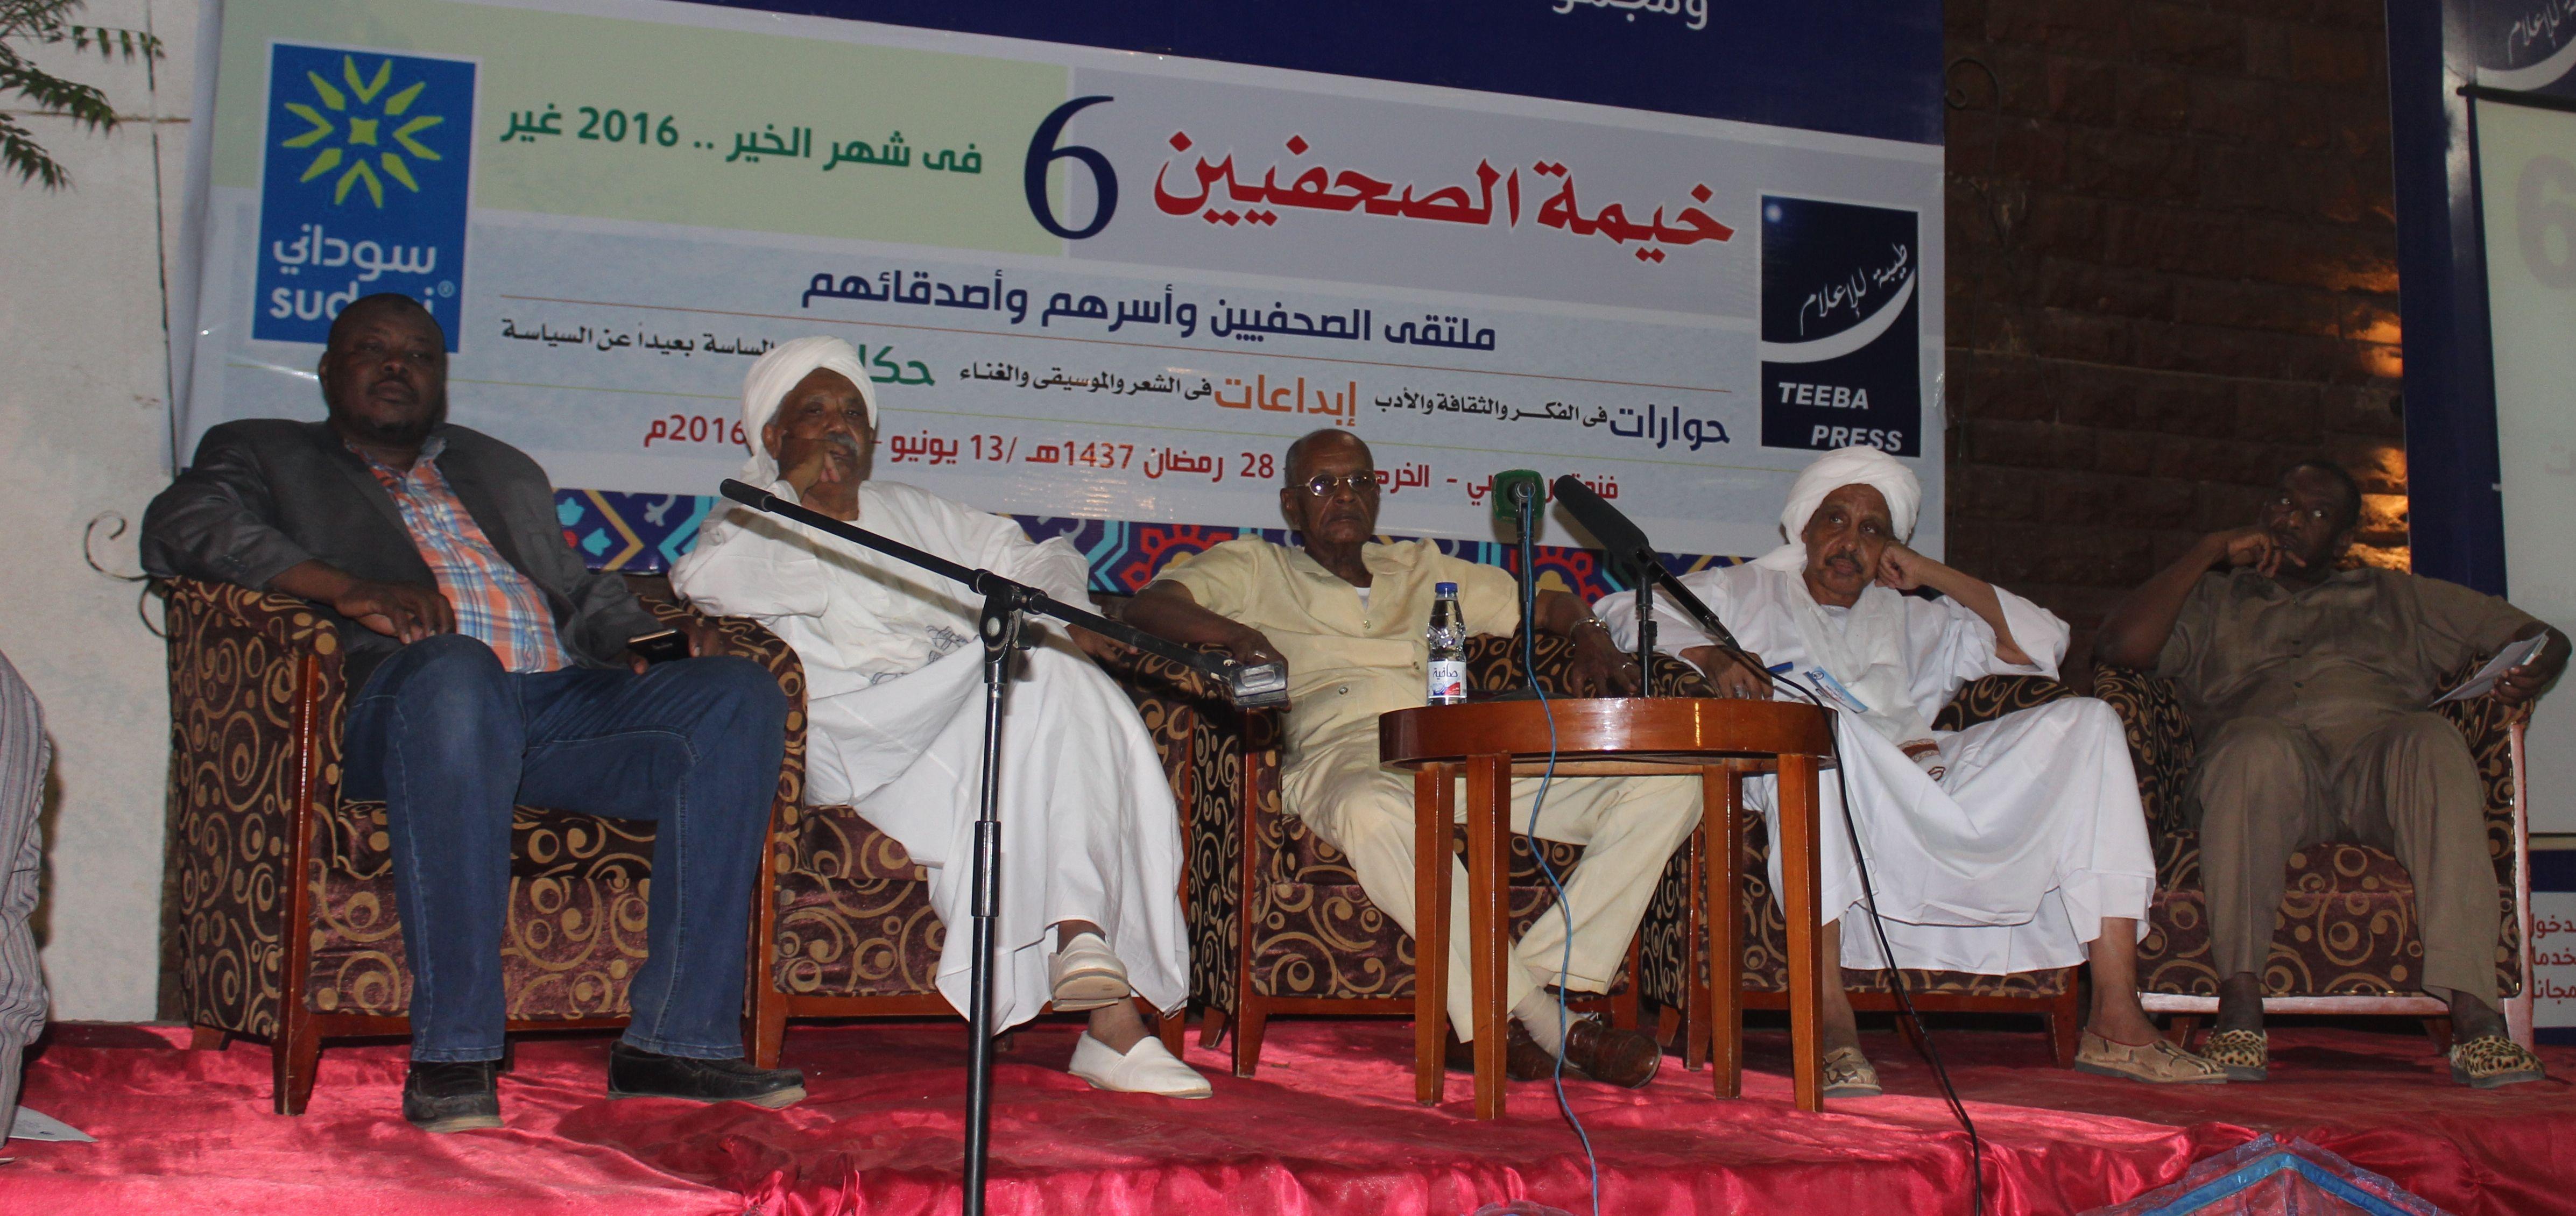 توقيف سودانيين وليبيين متهمين بقتل الطبيب السوداني في الكفرة